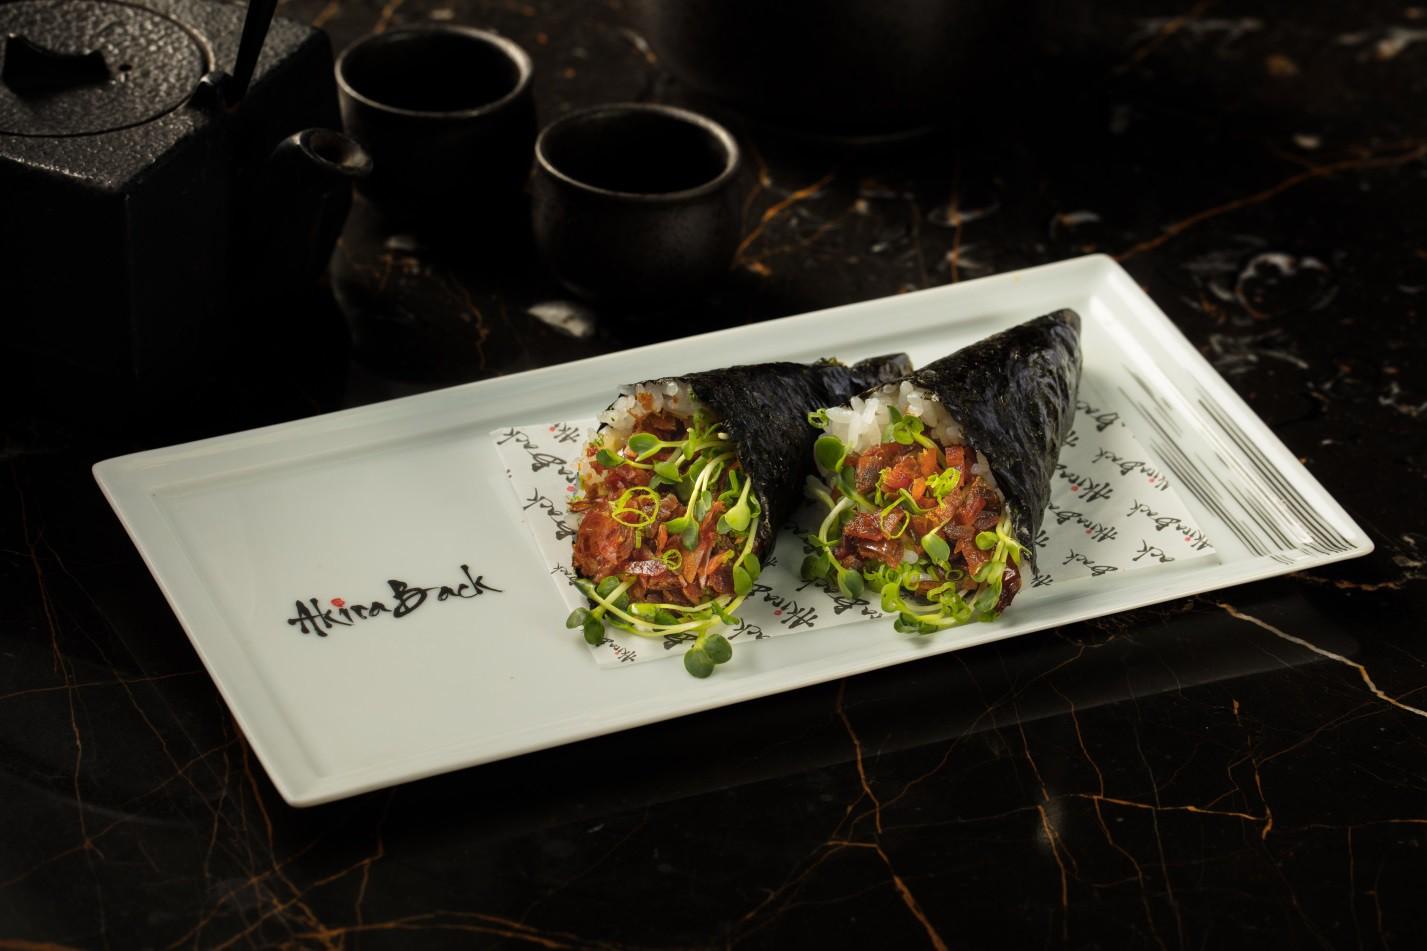 Khám phá ẩm thực Nhật Bản hiện đại trong không gian nghệ thuật đầy màu sắc - Ảnh 14.